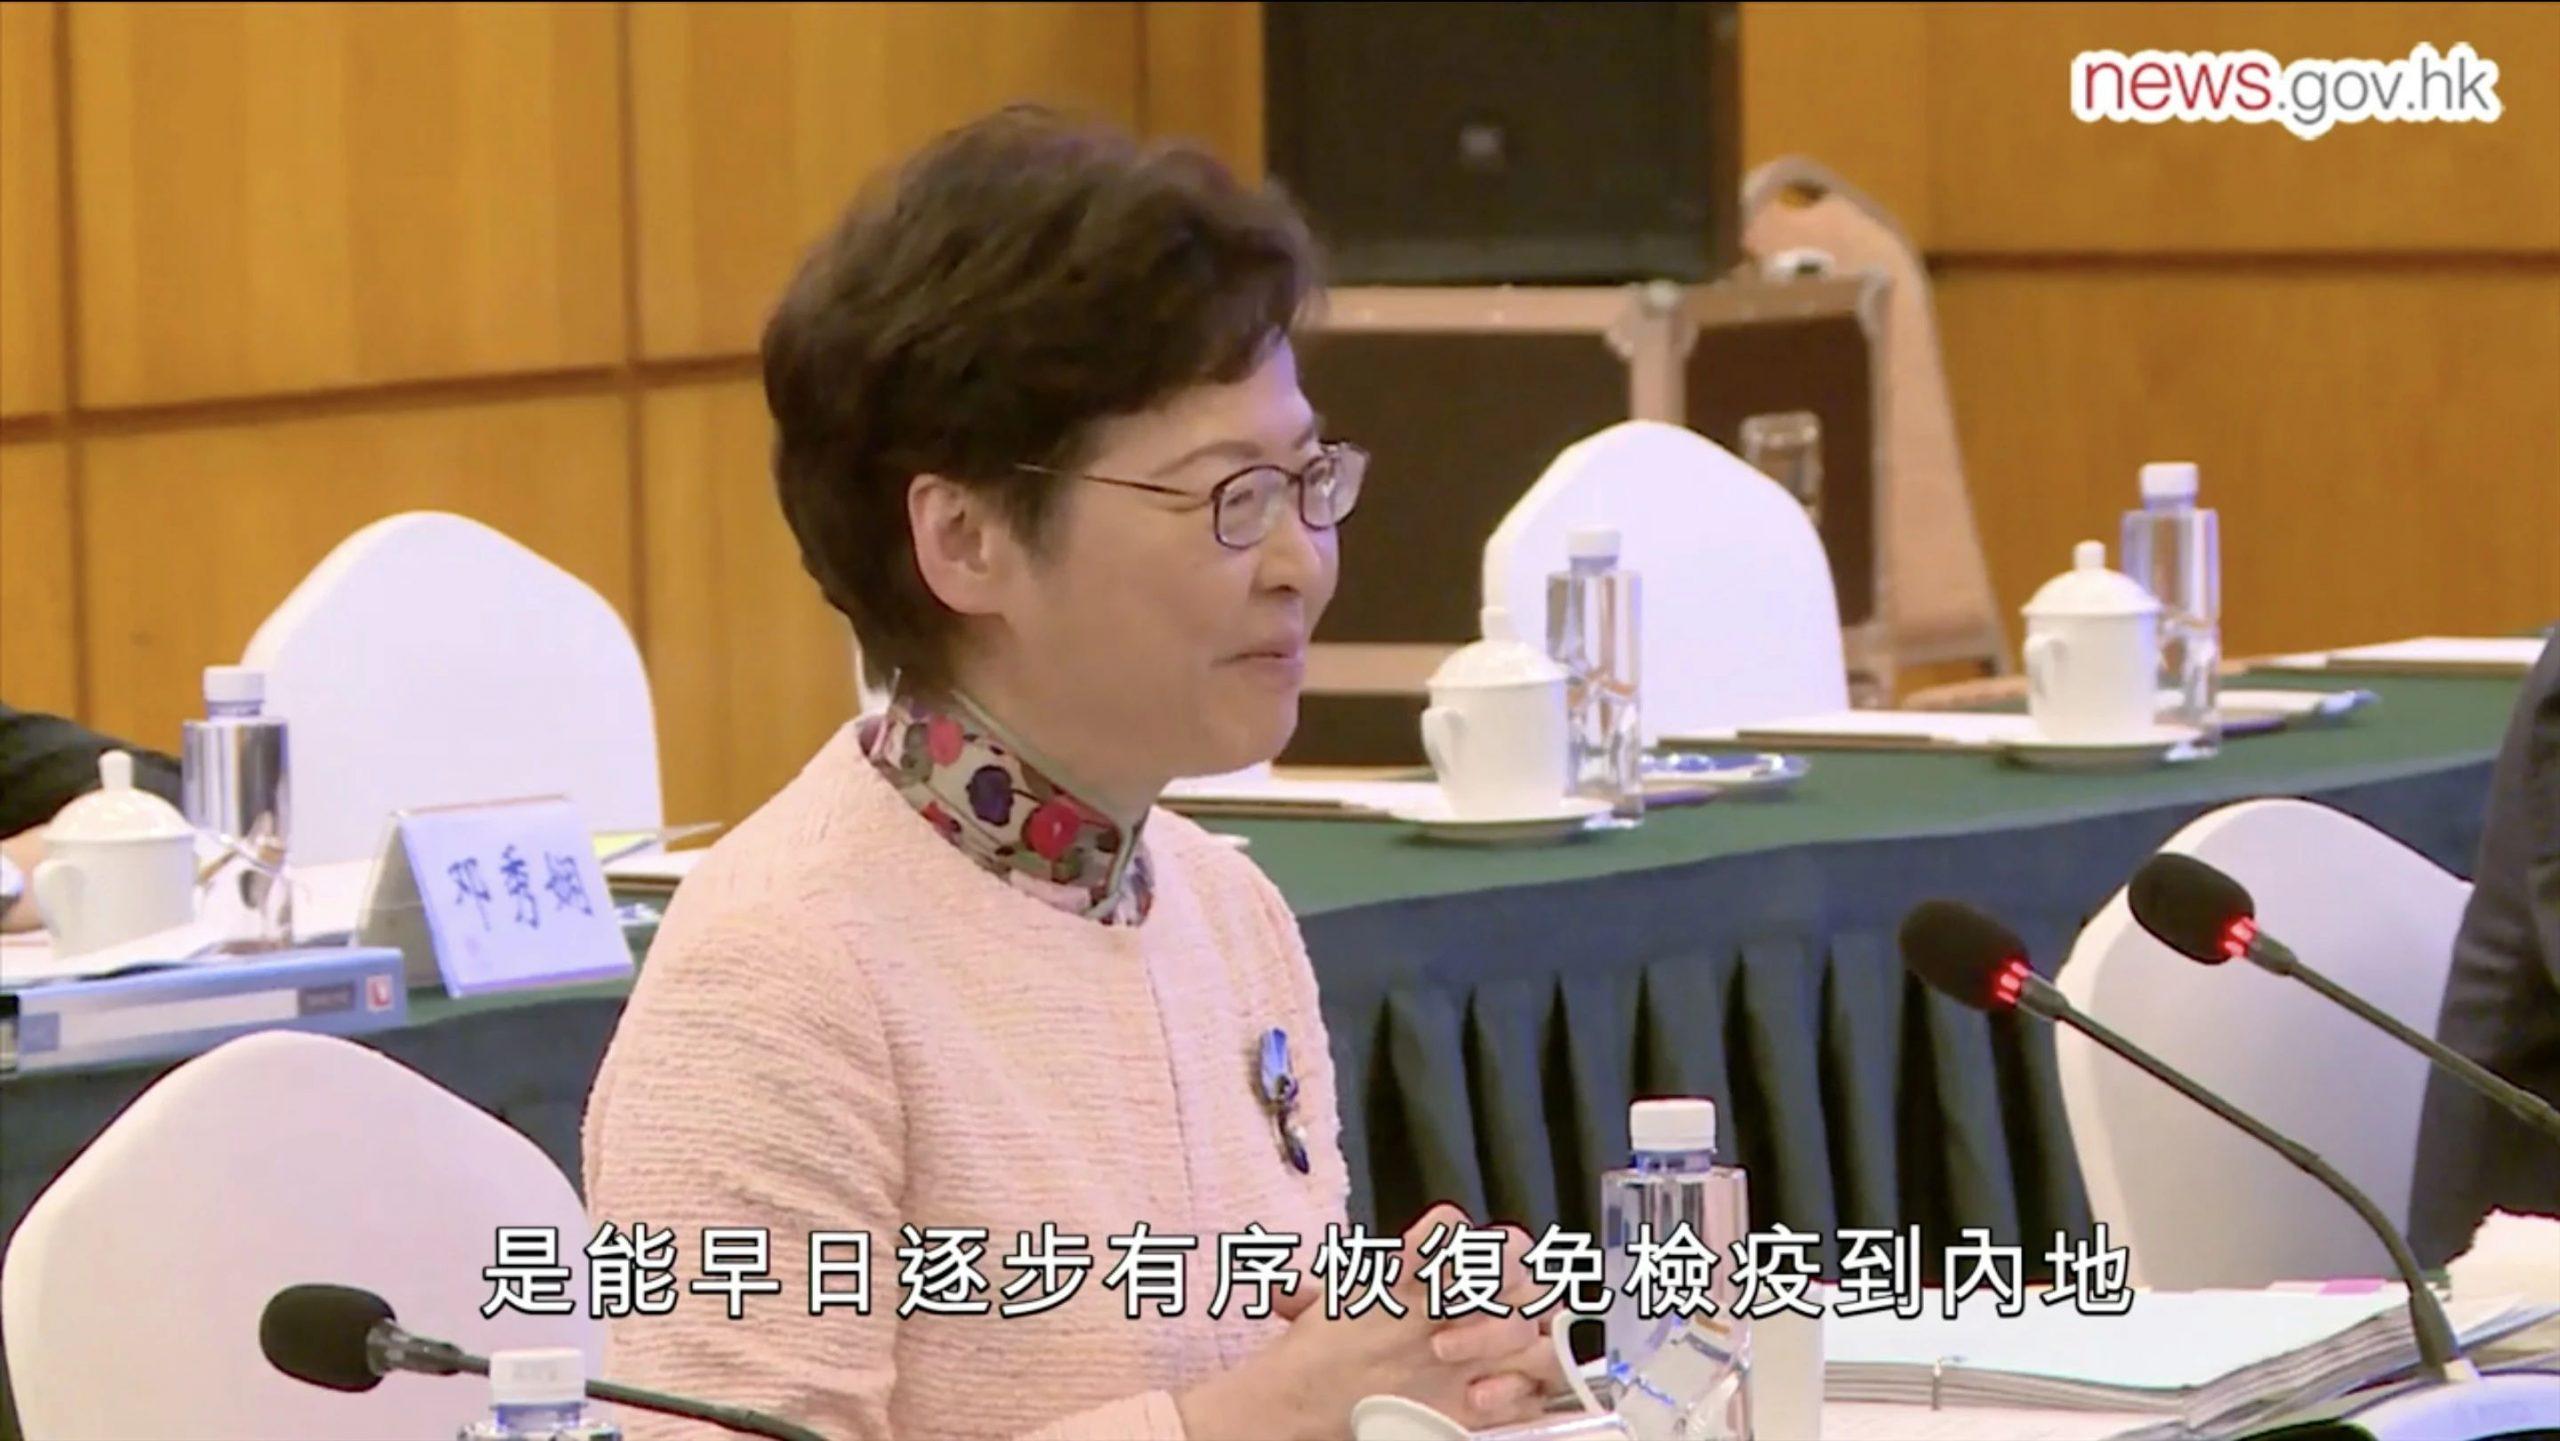 「来港易」9月15日正式推出,12月香港SAT考试大陆考生可以参加了?